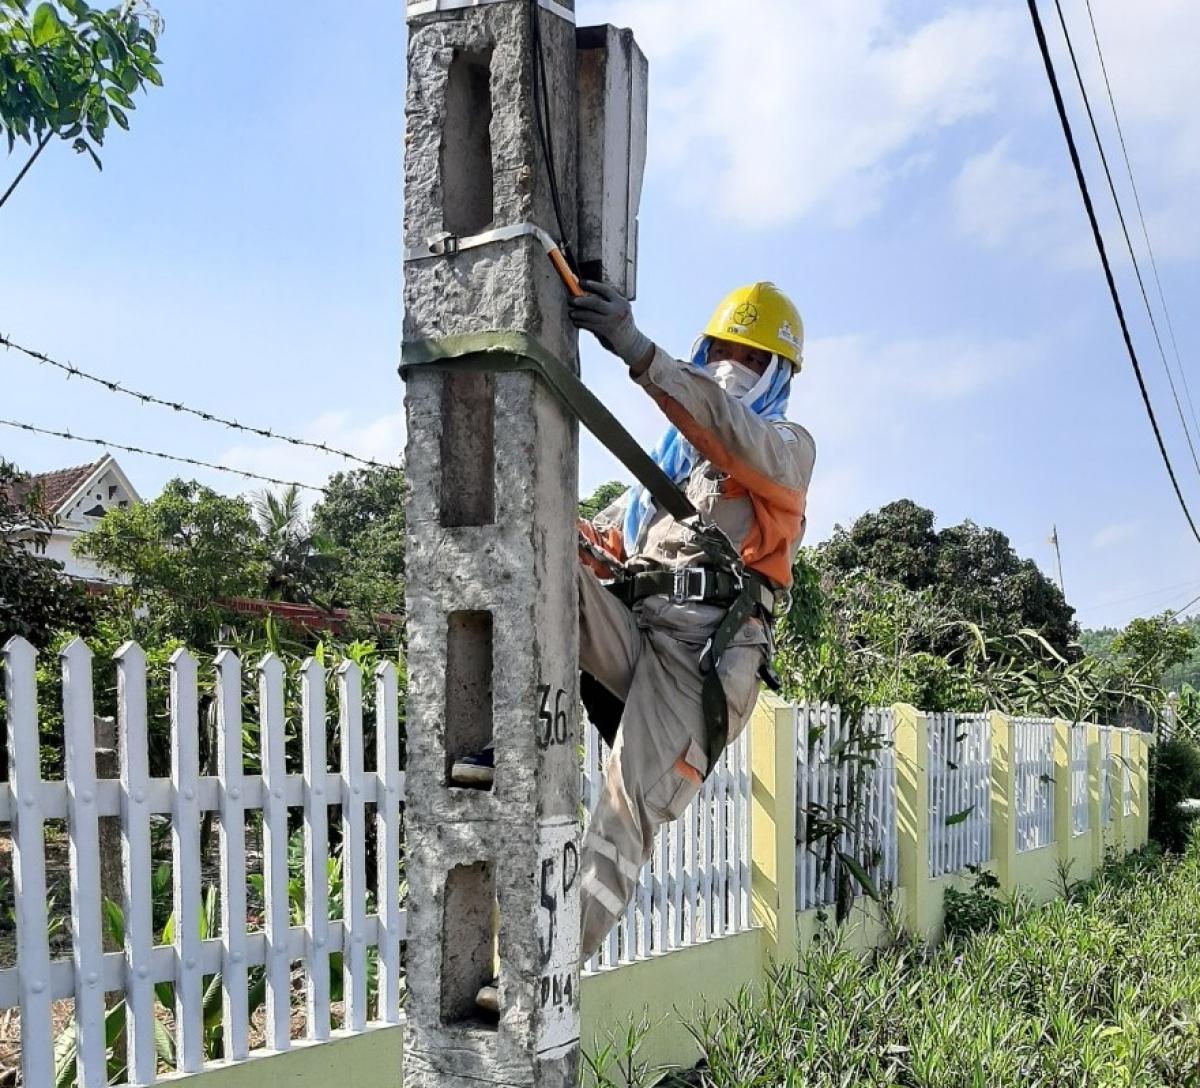 Khắc phục sự cố lưới điện trong những ngày nắng nóng.